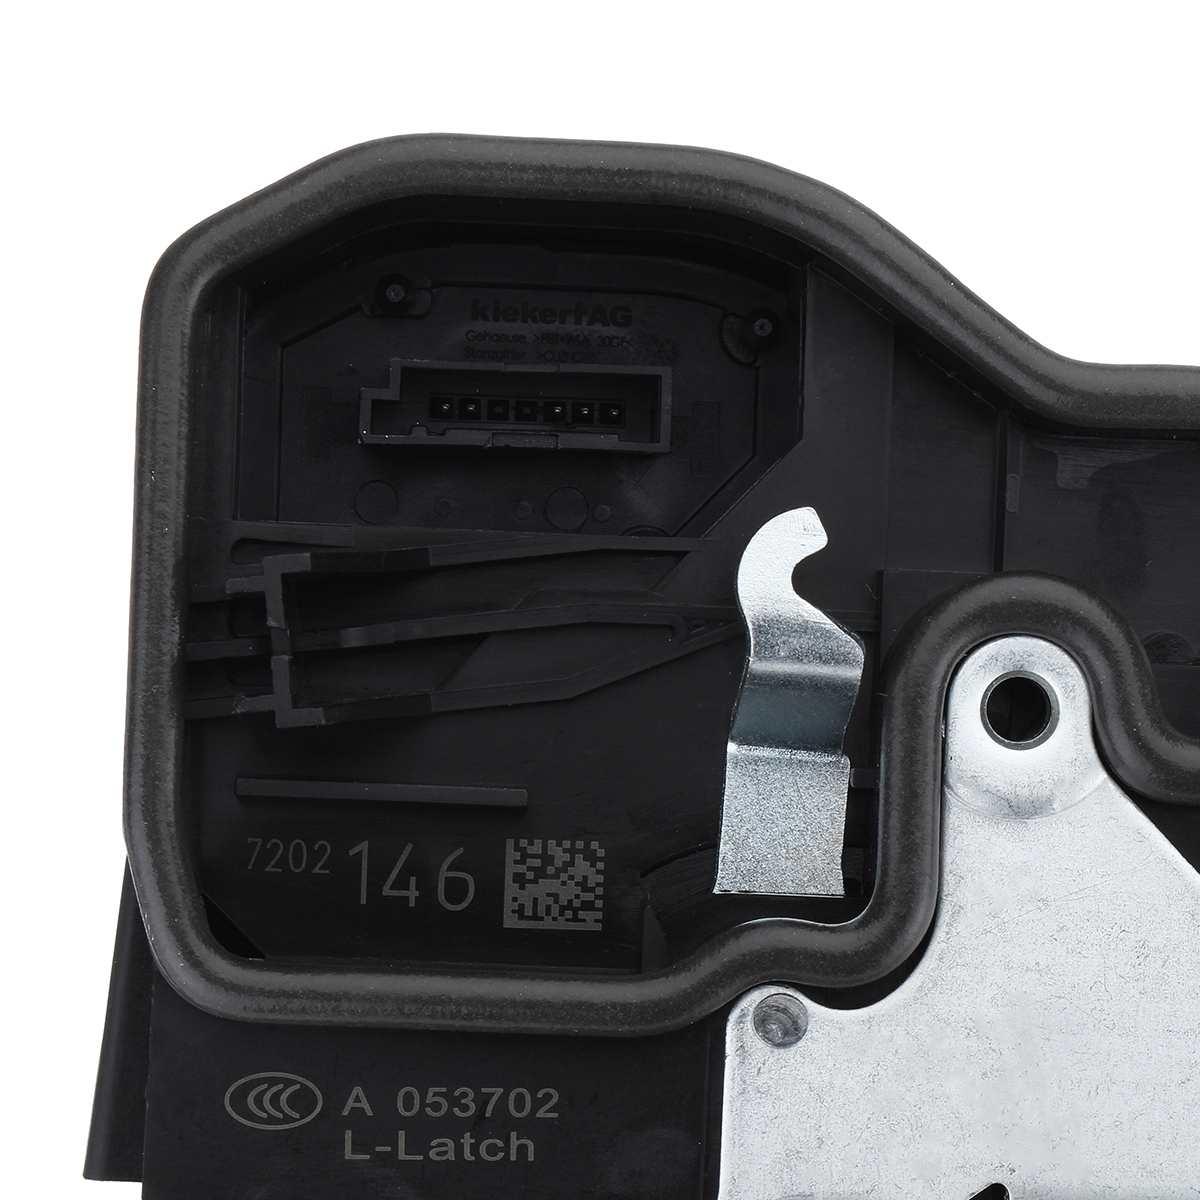 Avant arrière gauche droite électrique serrure de porte loquet actionneur pour BMW X6 E60 E70 E90 51217202143 51217202146 51227202147 51227202148 - 5